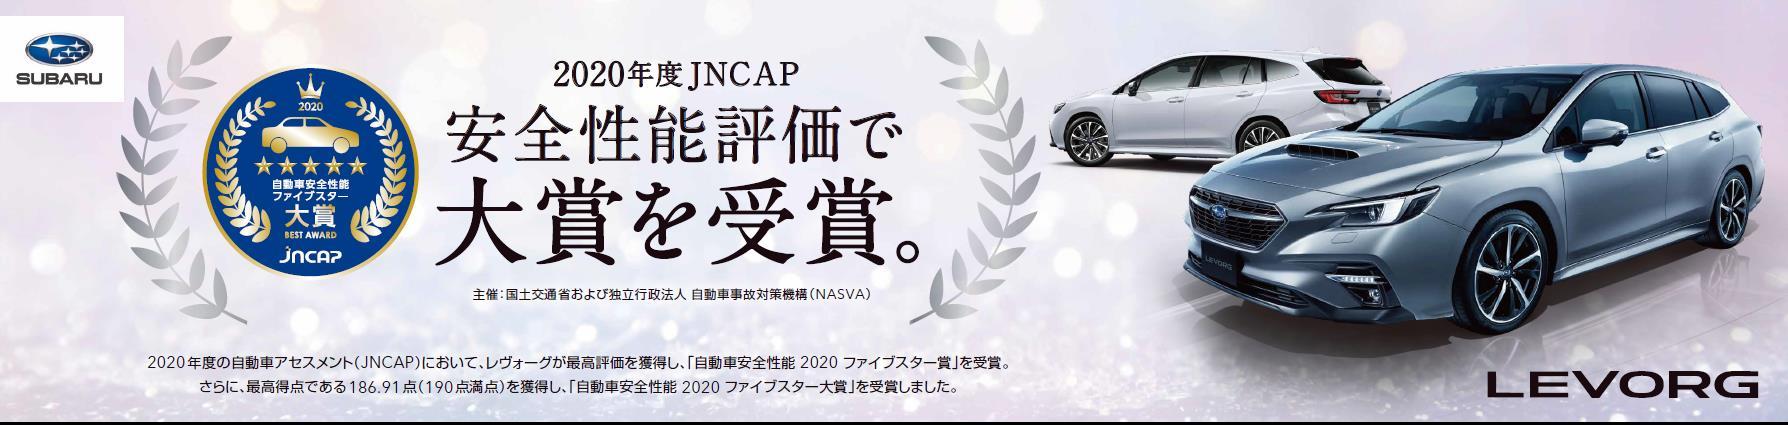 新Ⅴ JNCAP (3)